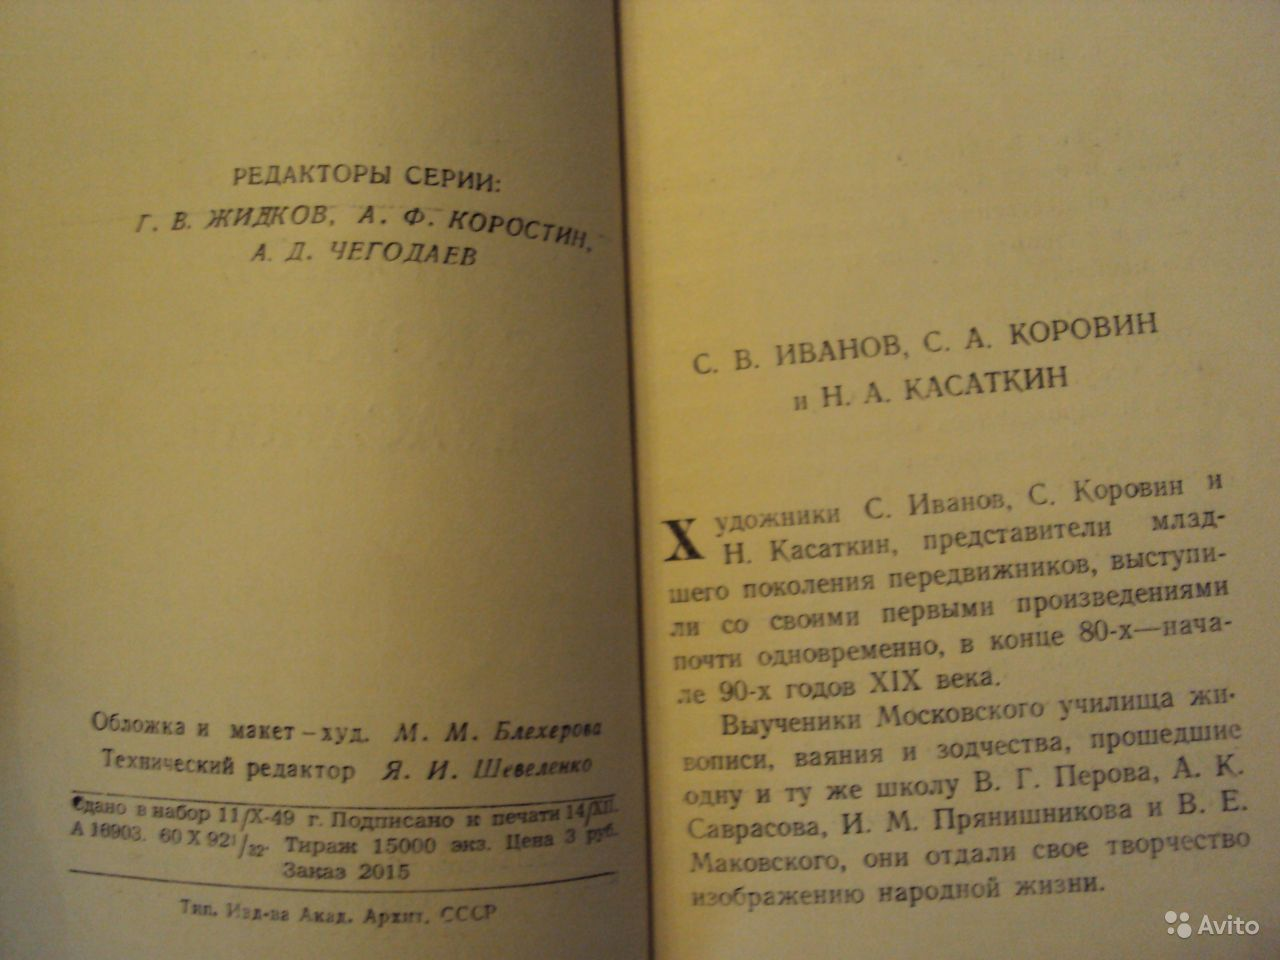 иванов графика: